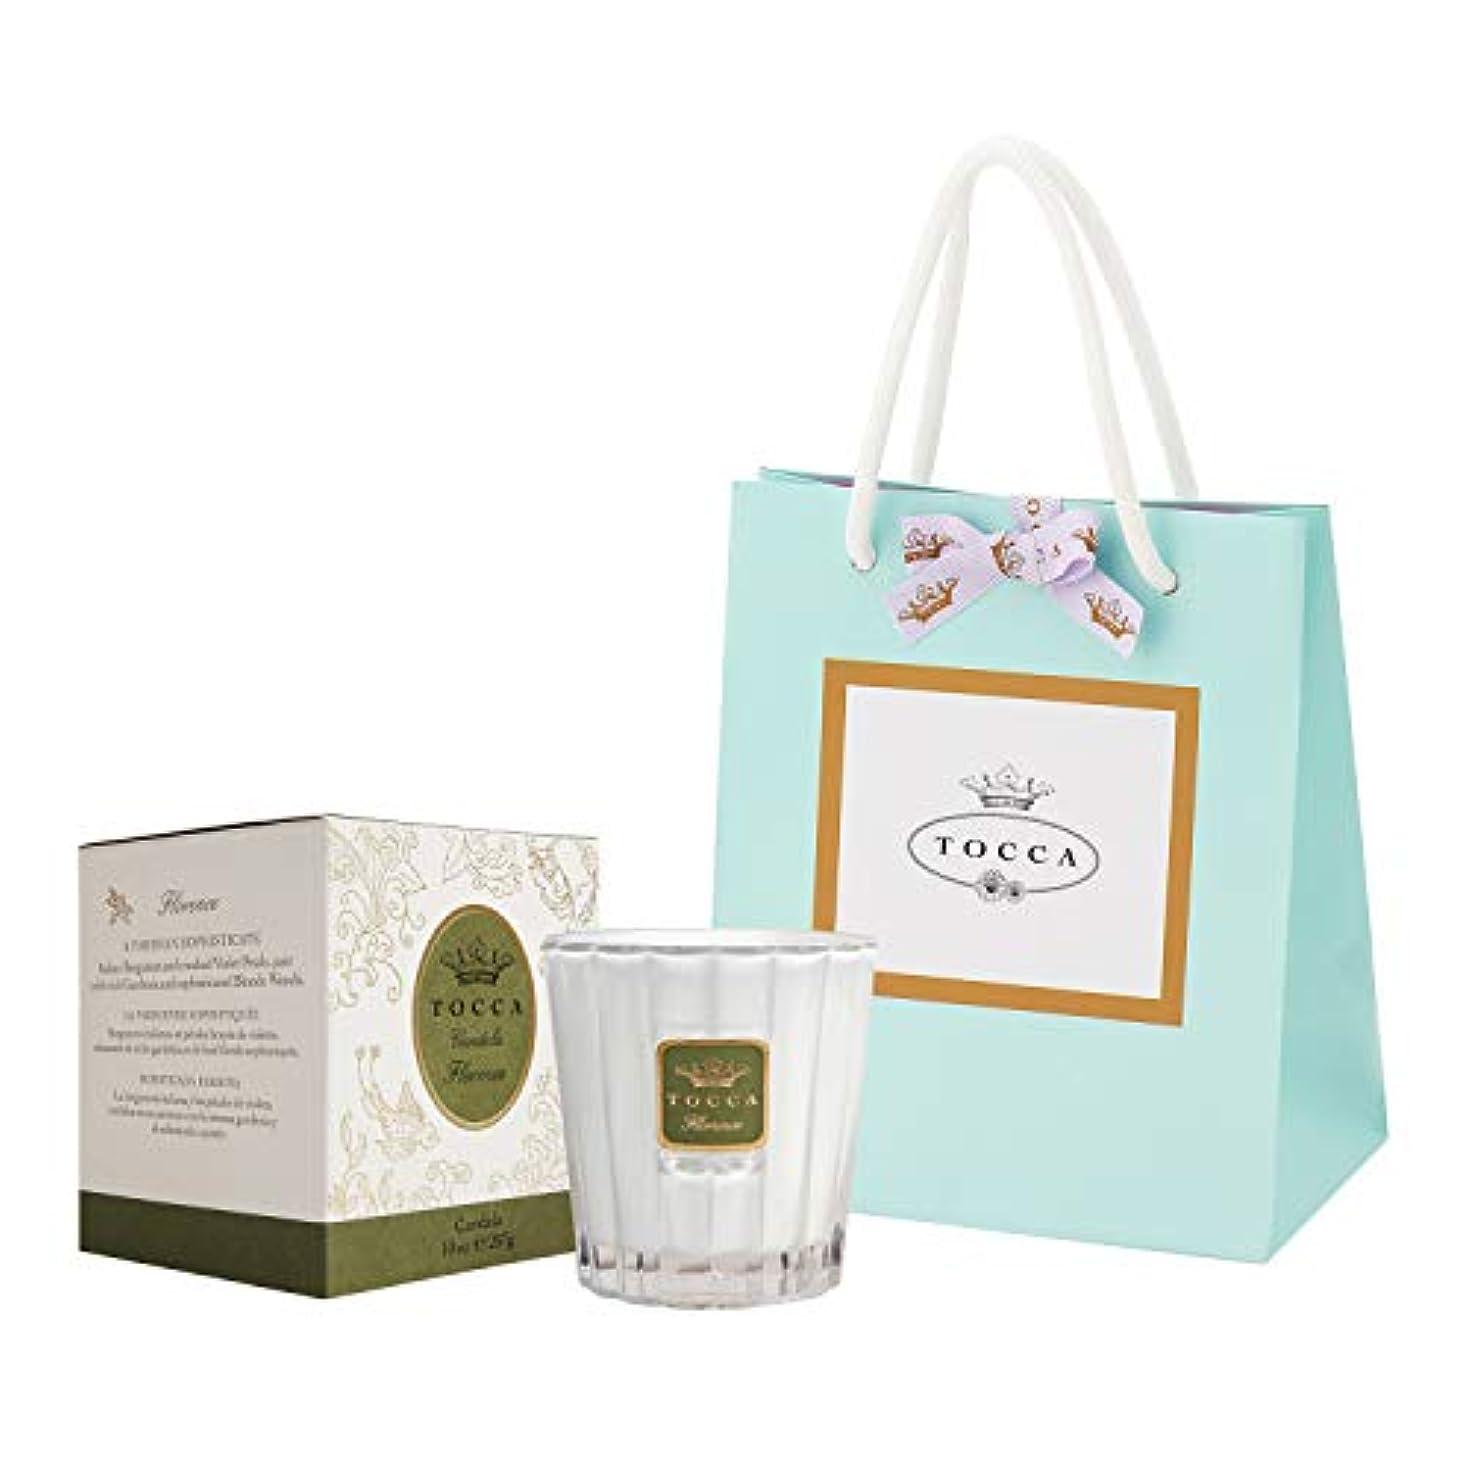 トッカ(TOCCA) キャンドル フローレンスの香り 約287g ショッパー付 (ろうそく ギフト 手提袋付 上品なフローラルの香り)